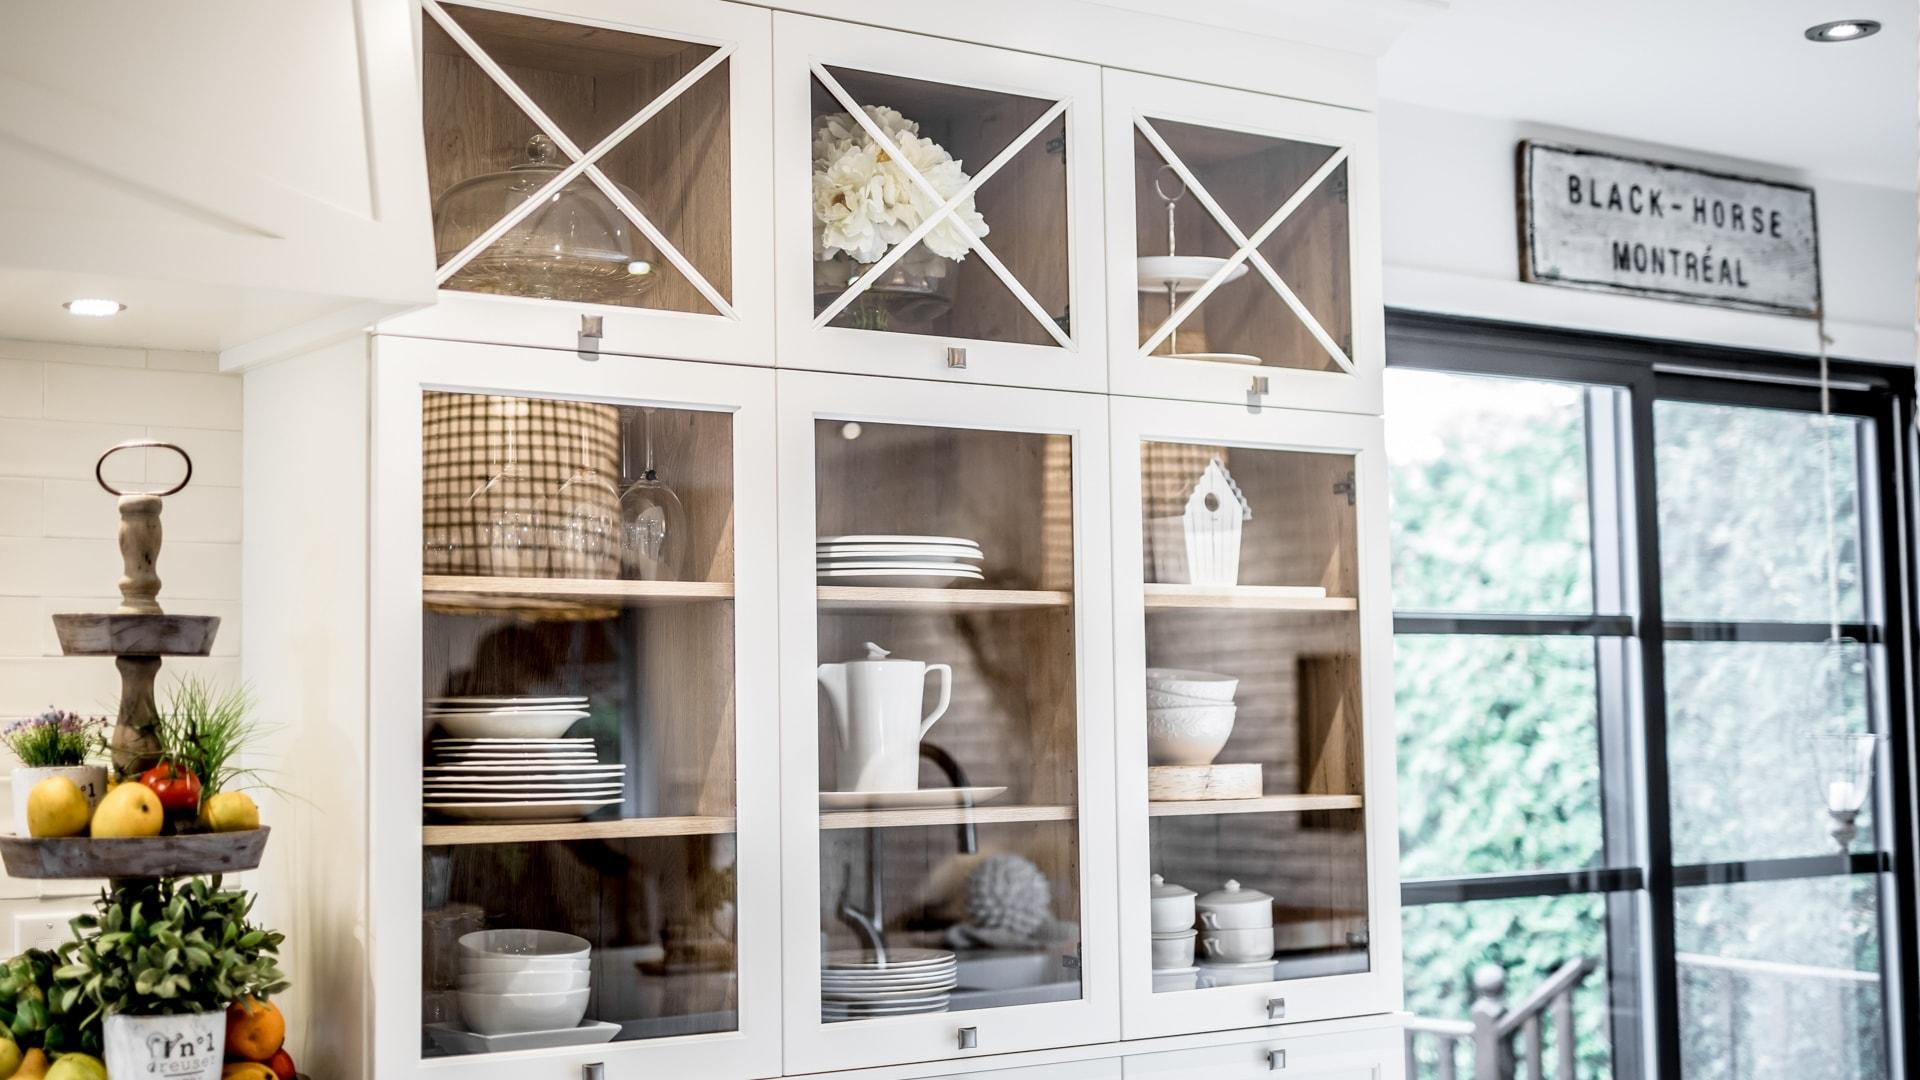 Armoires de cuisine en MDF blanc dont certaines portes sont en verre. La rangée la plus haute de l'armoire possède des portes vitrées dont le cadre se croise sur la vitre.